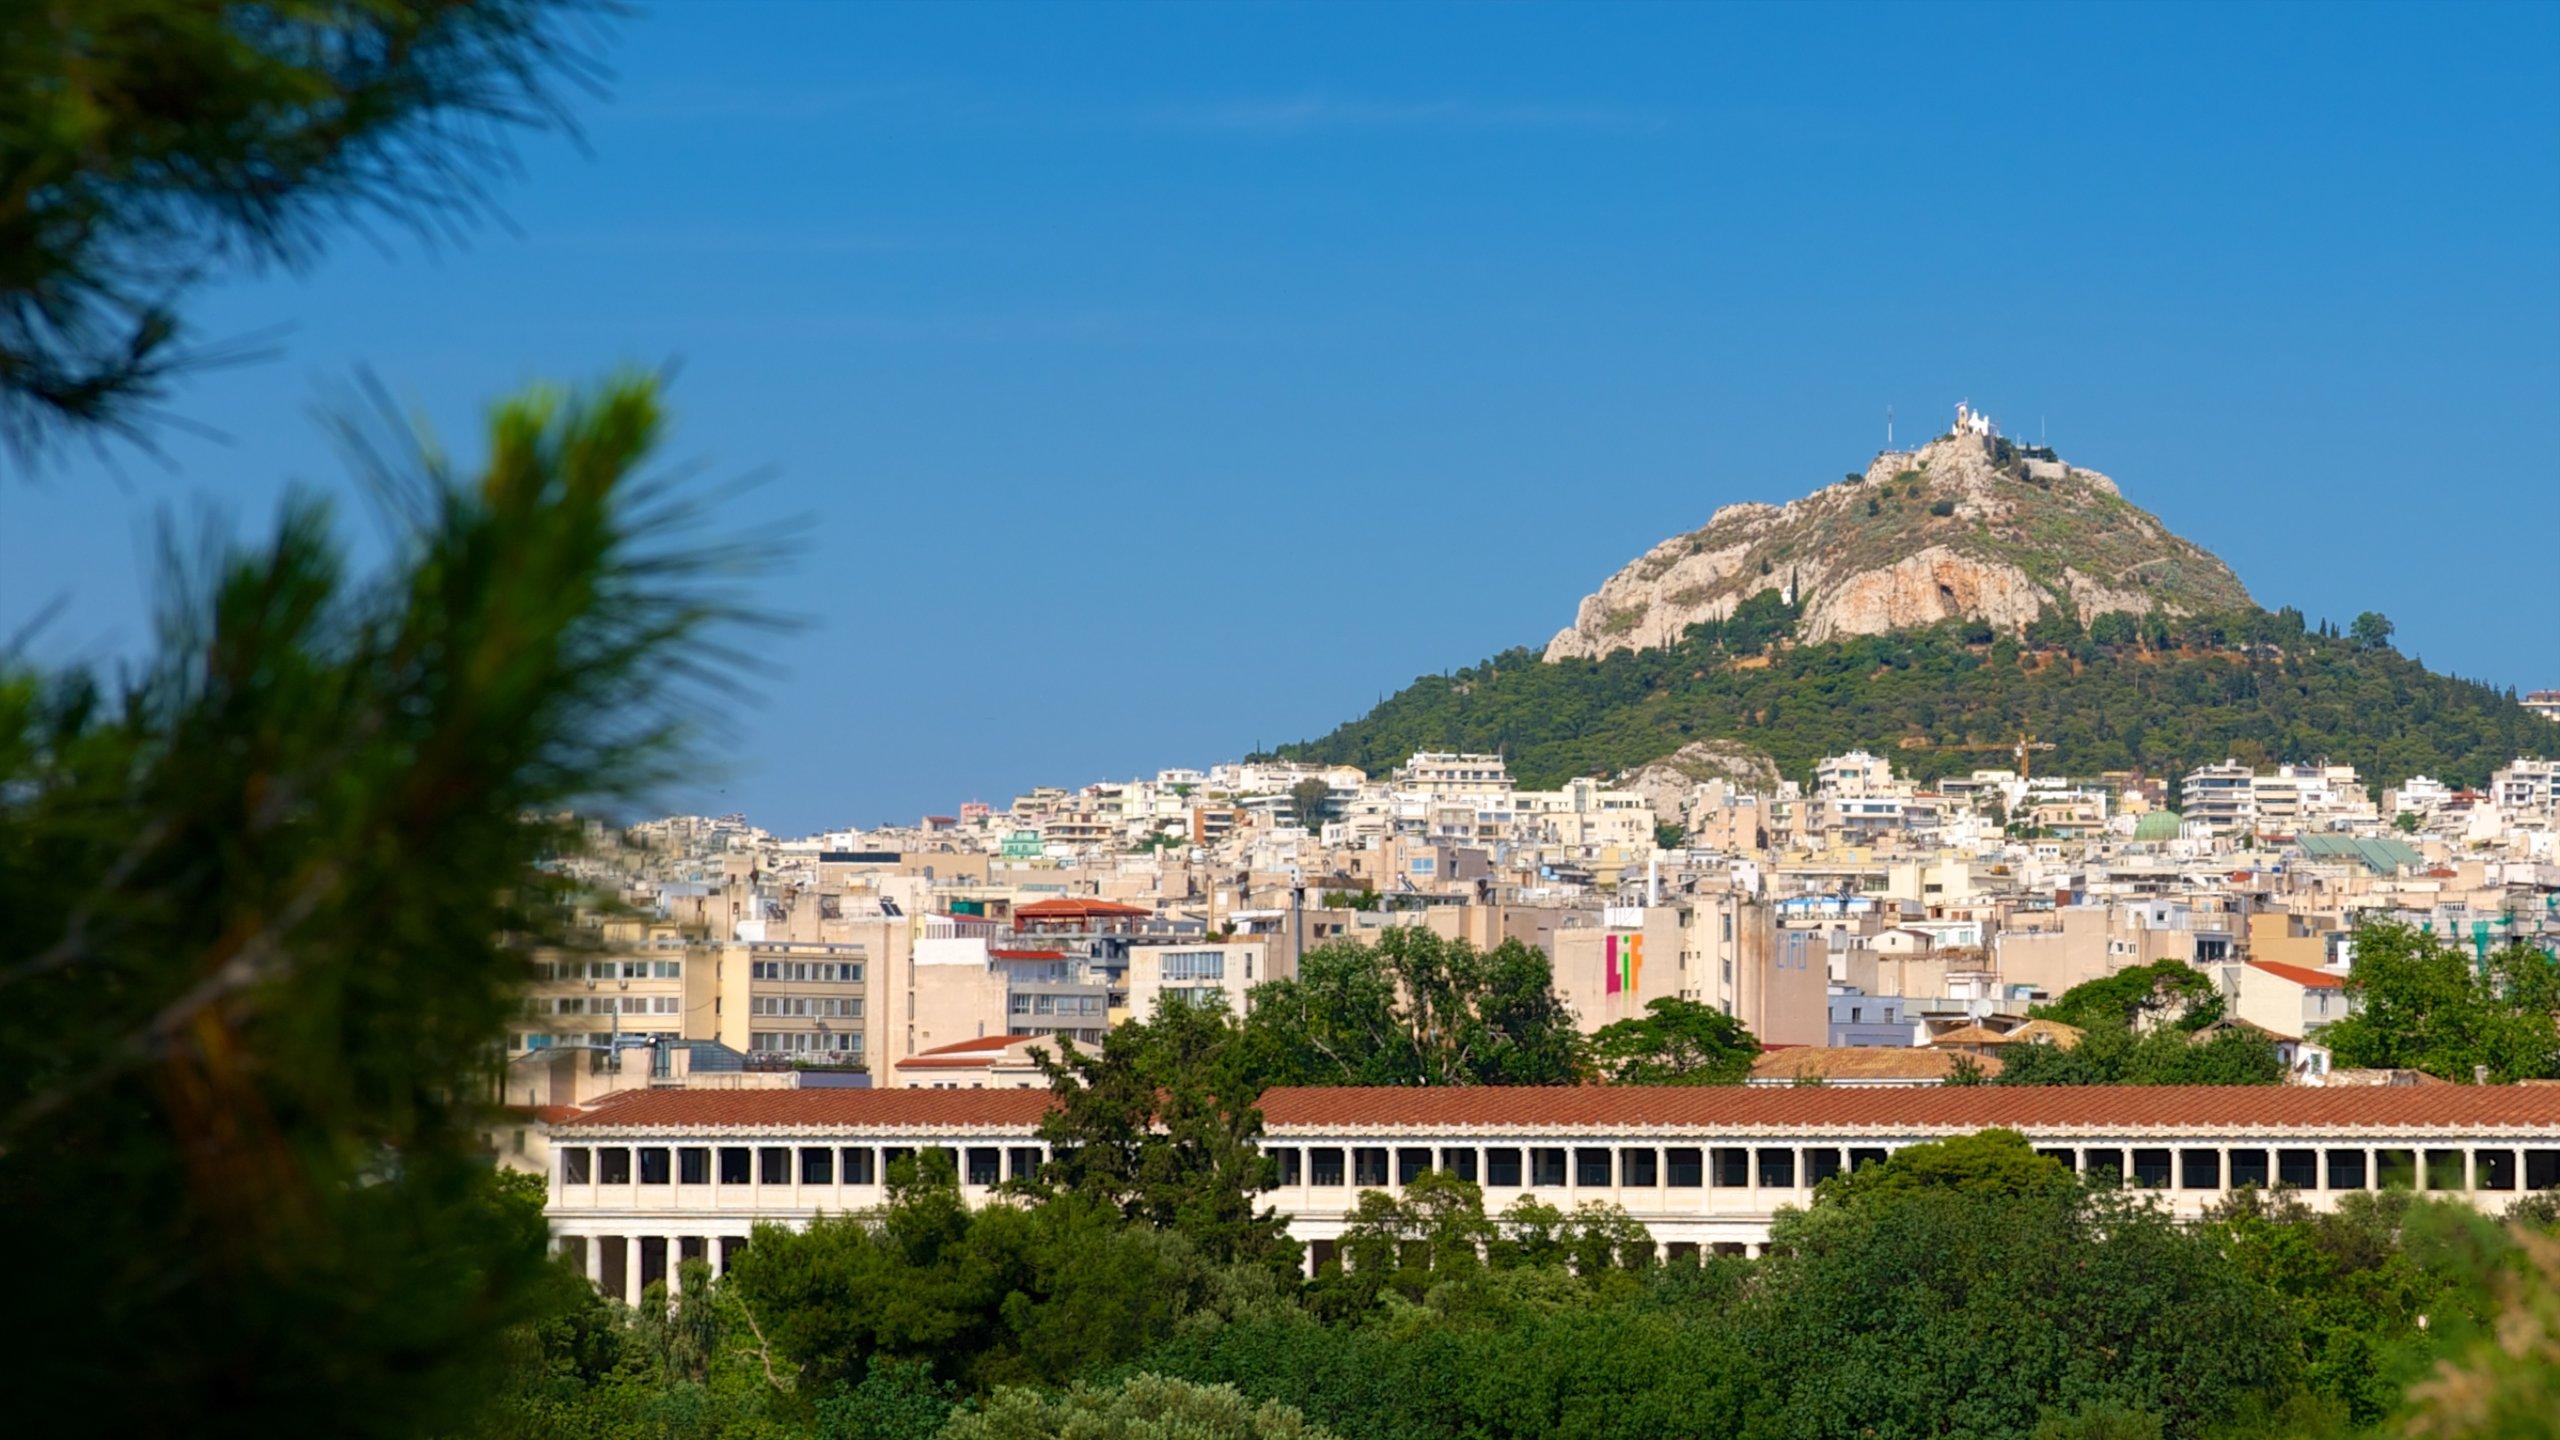 Kolonaki, Athens, Attica, Greece